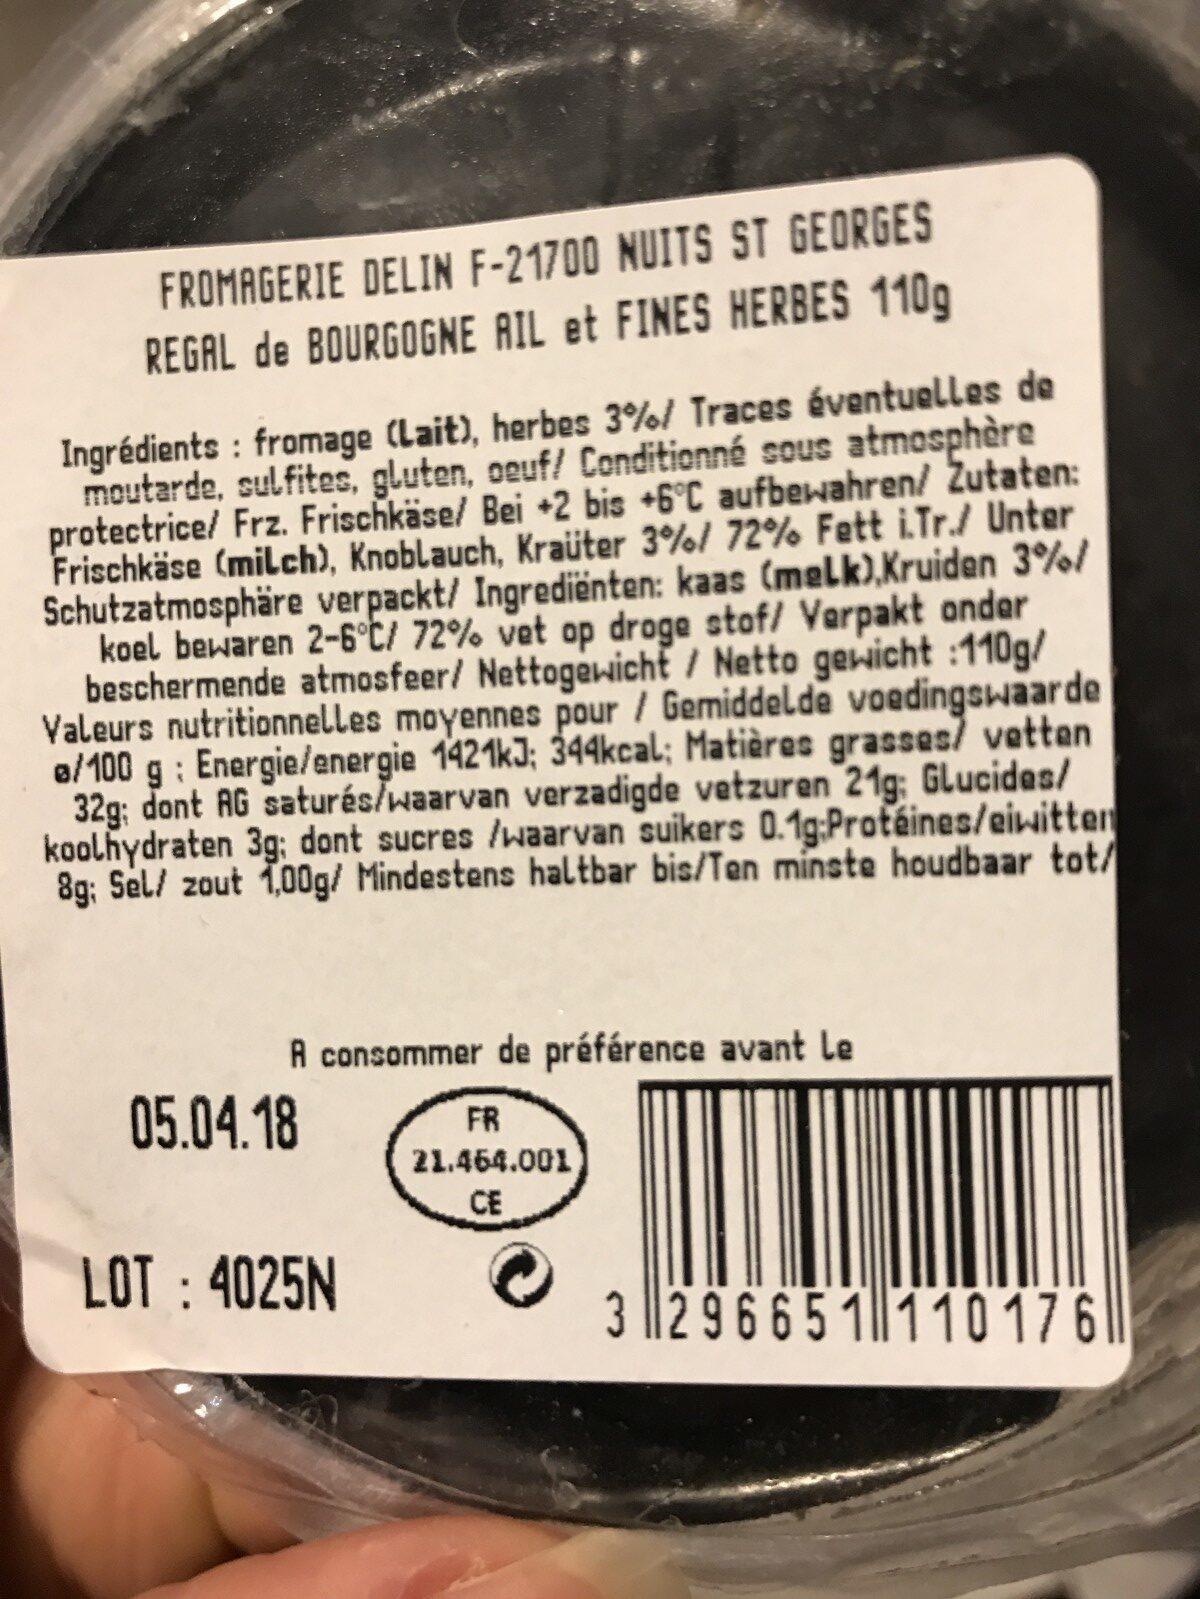 Le regal de bourgogne - Ingredients - fr